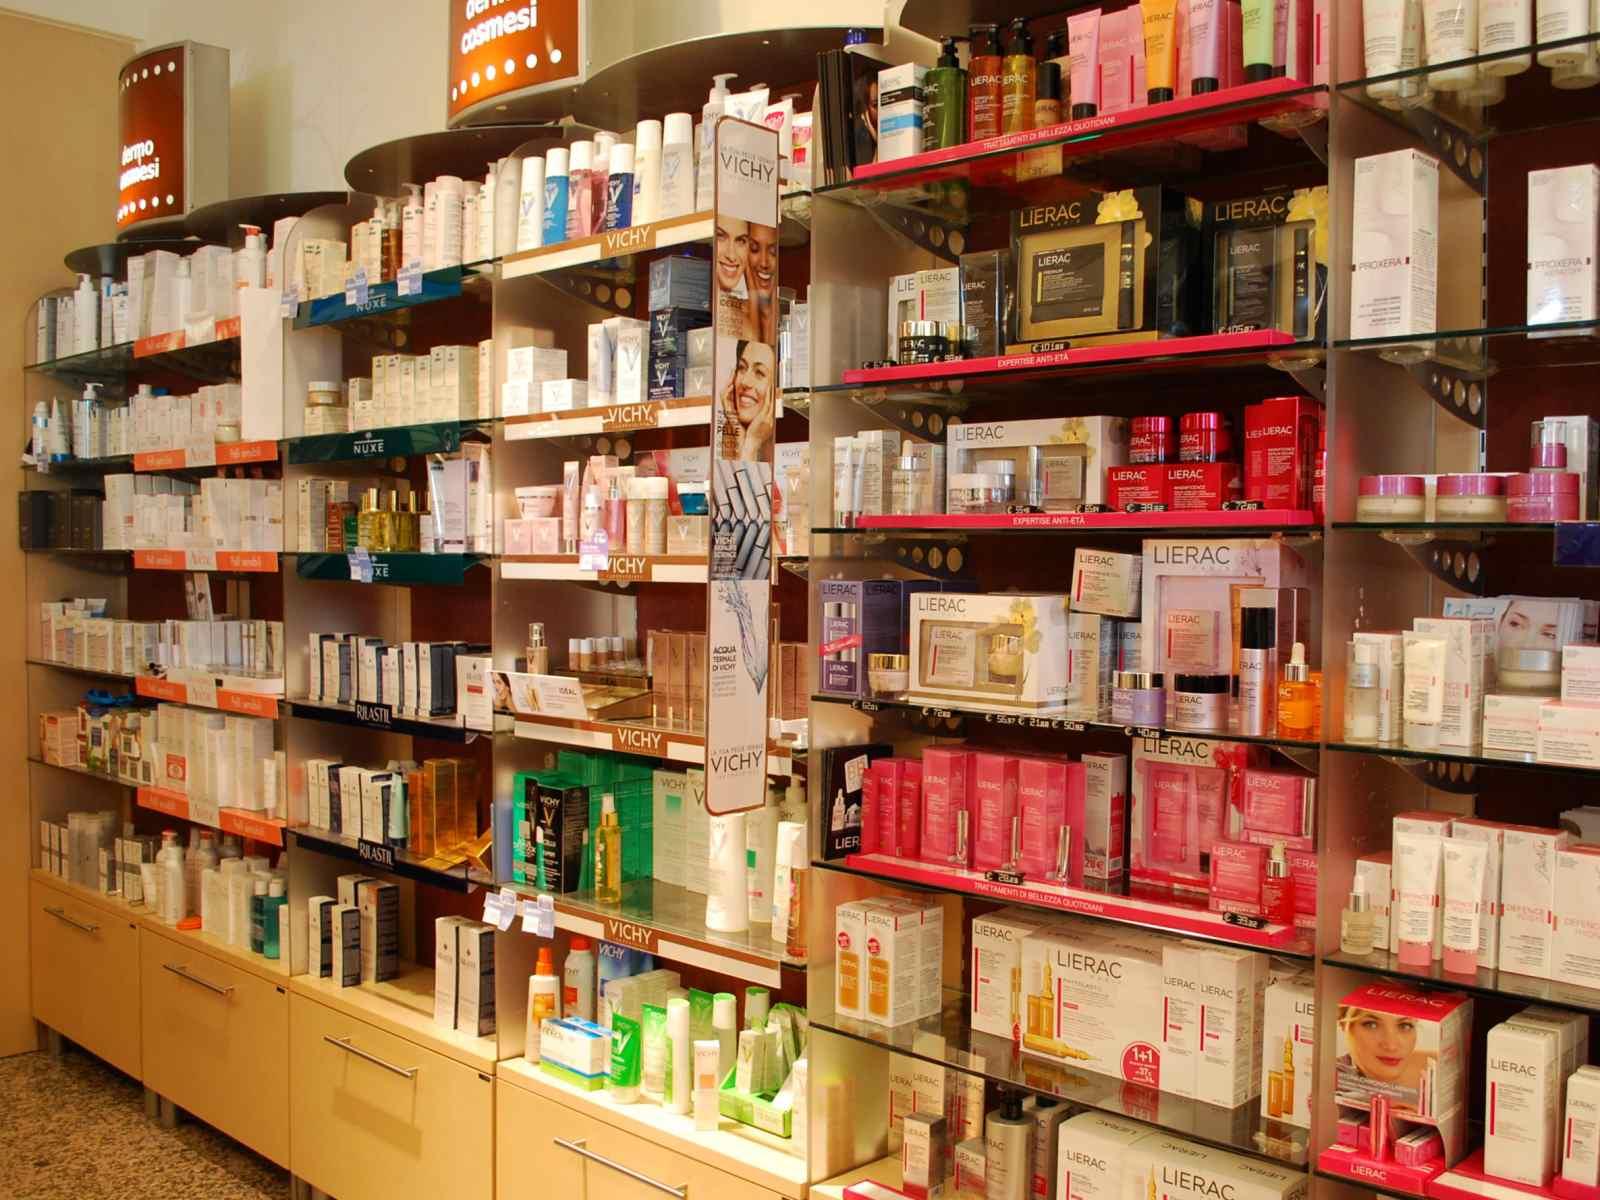 prodotti-dermocosmetici-montale-formigine-casinalbo